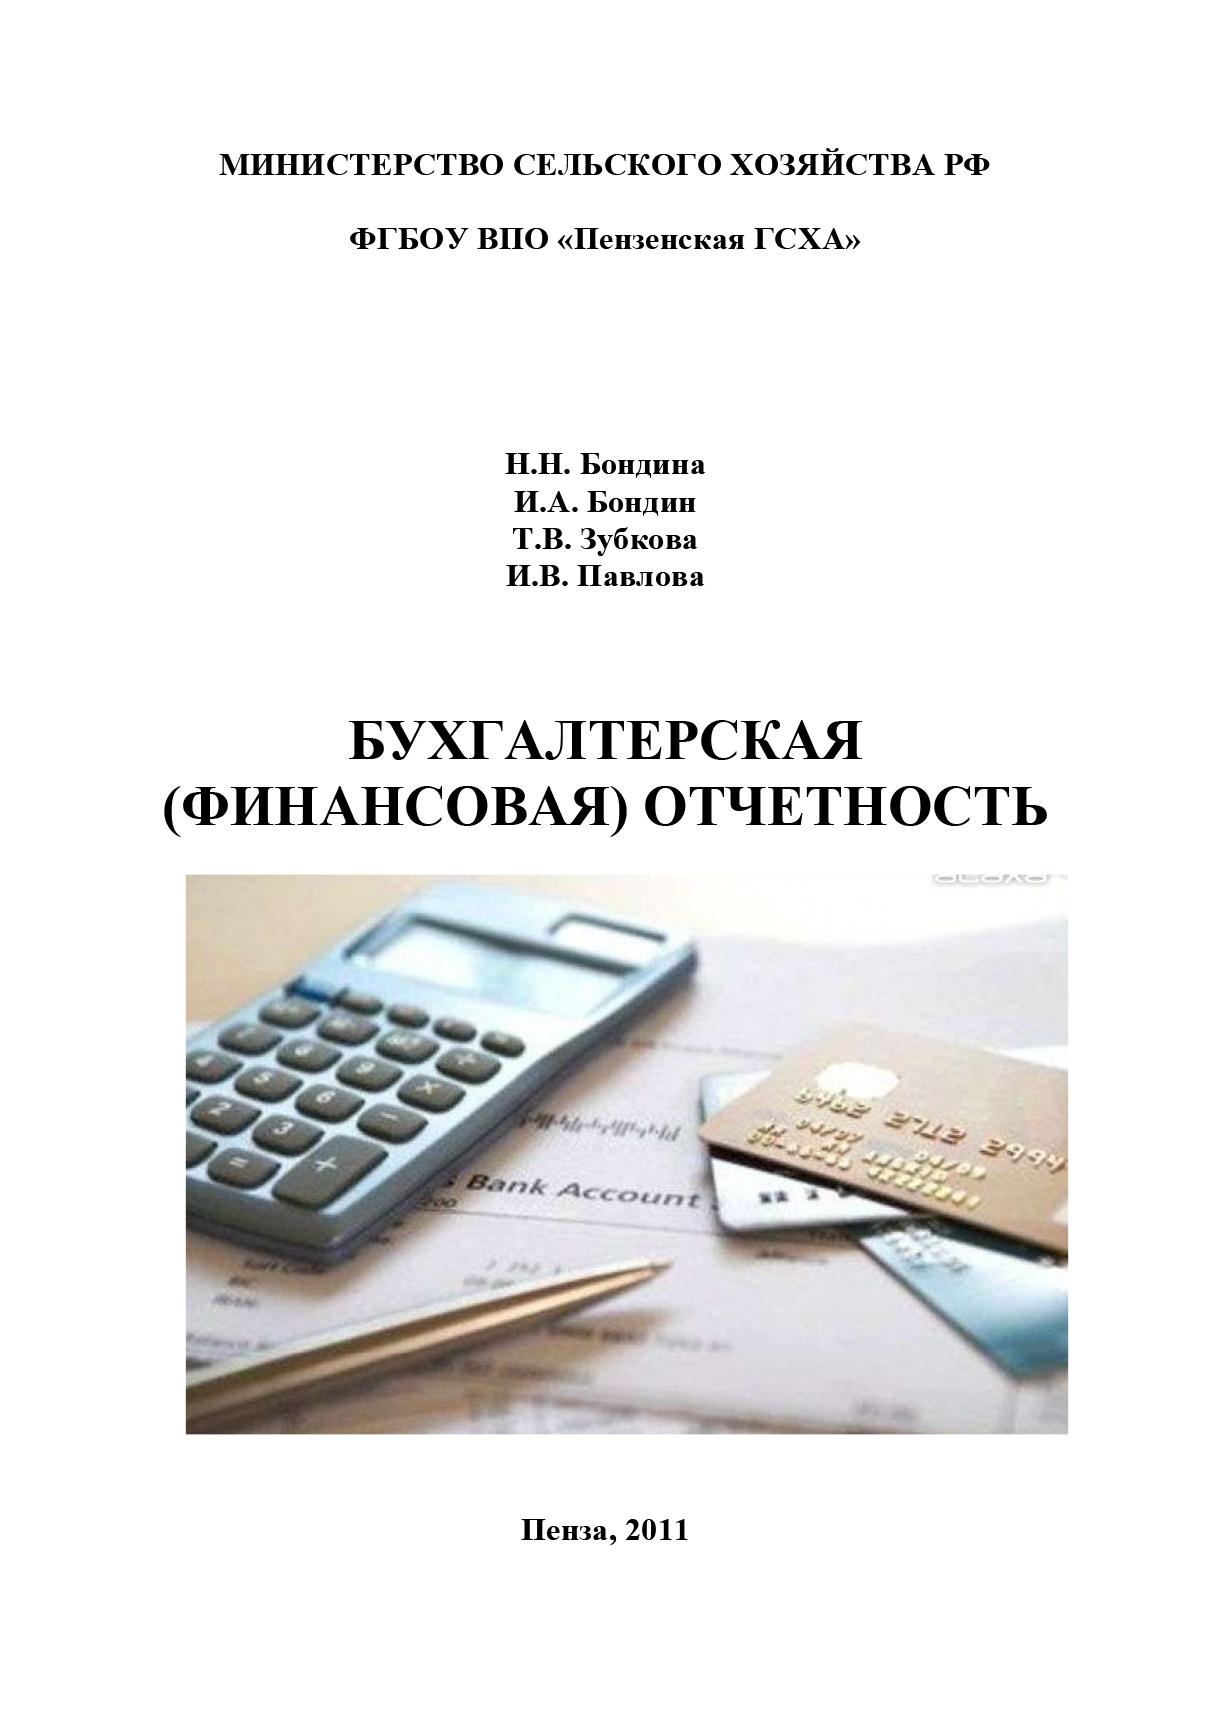 И. А. Бондин Бухгалтерская (финансовая) отчетность